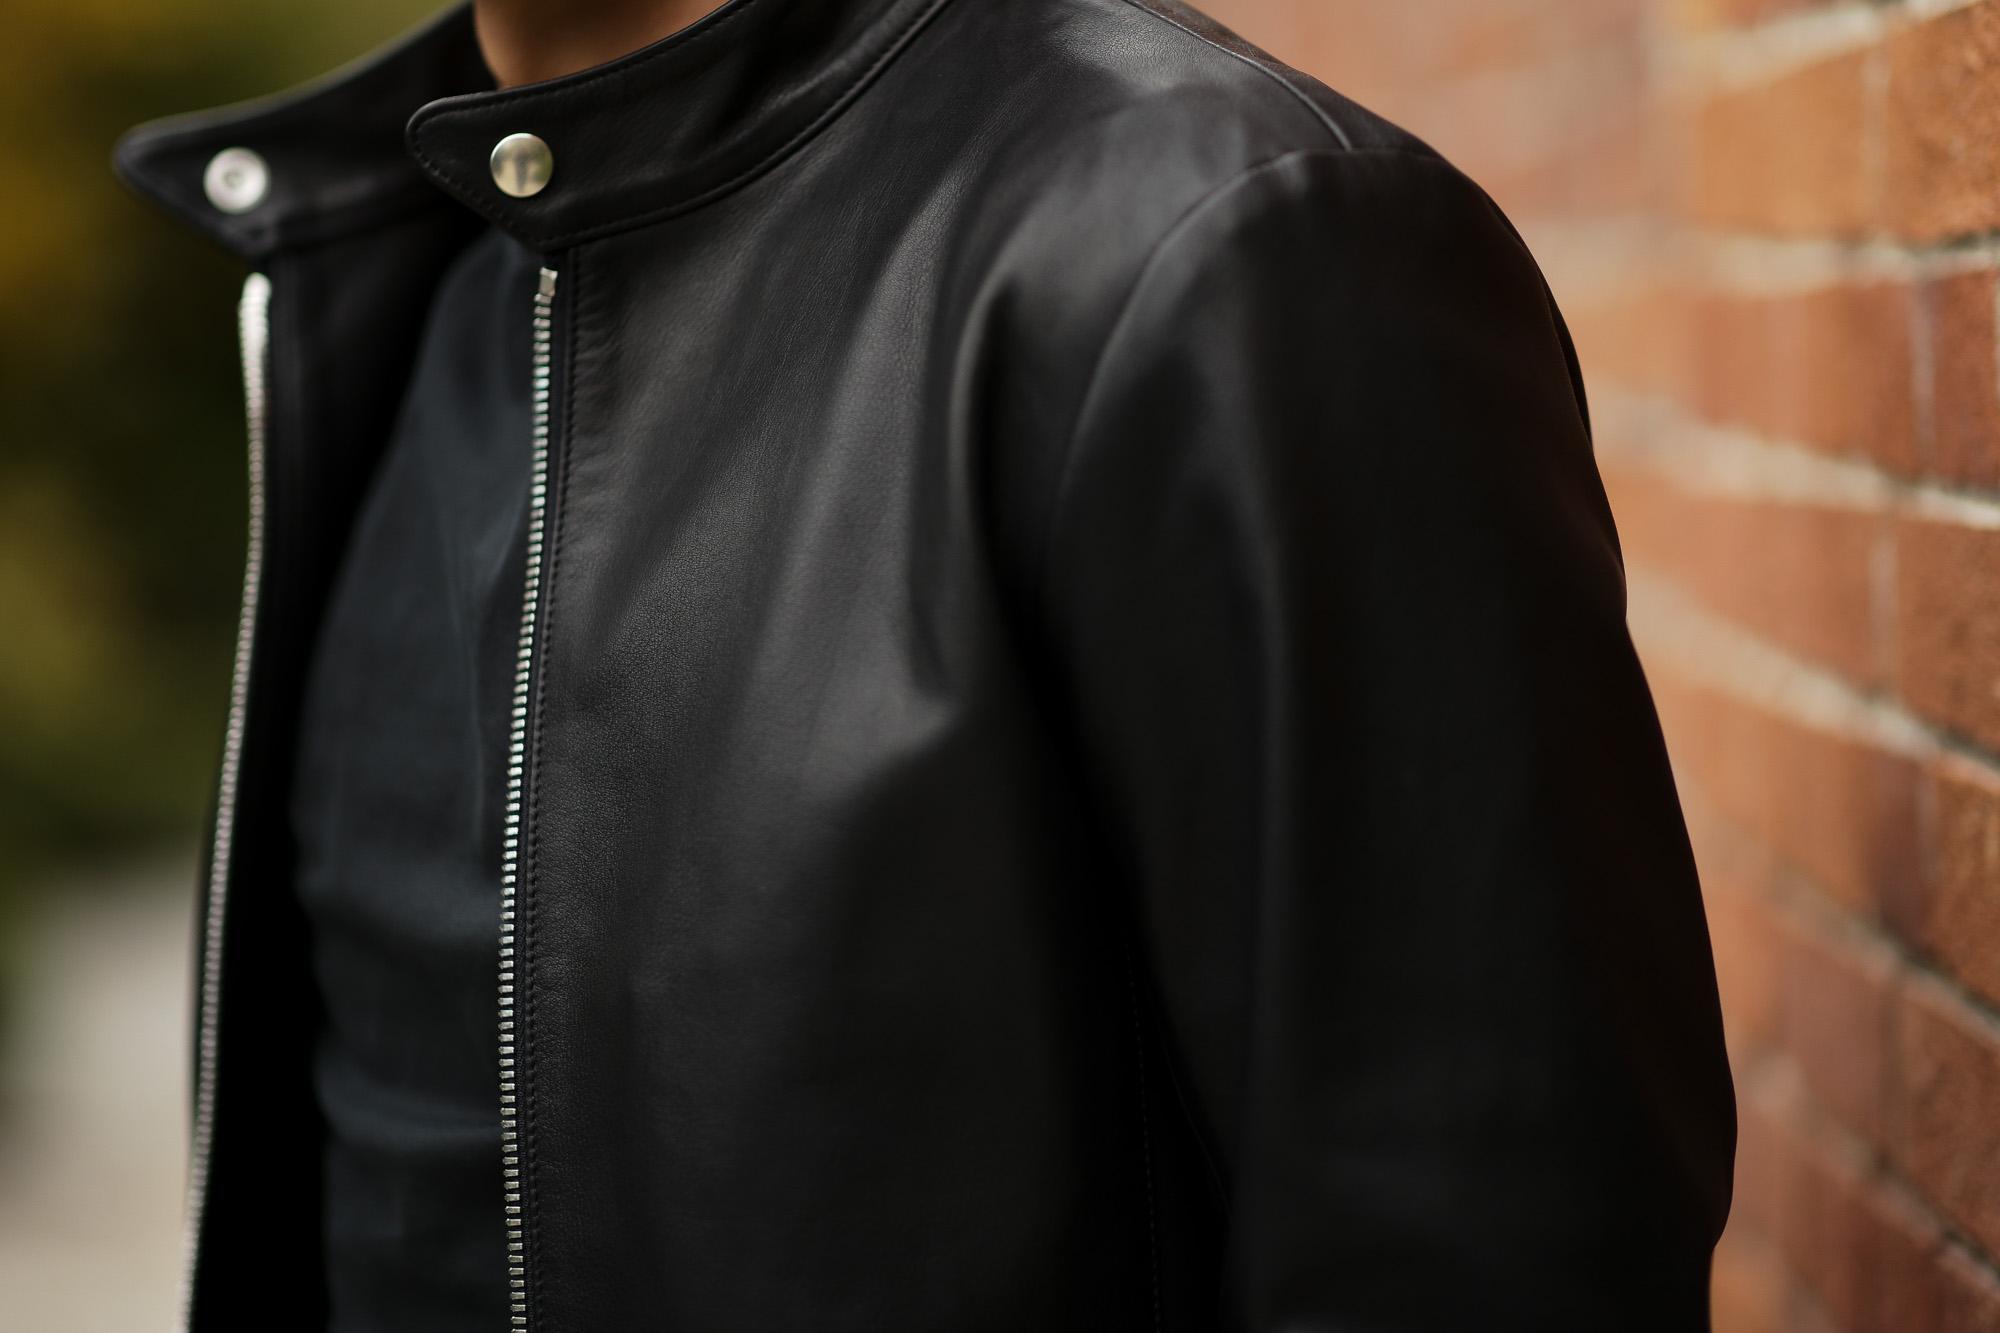 cuervo bopoha (クエルボ ヴァローナ) RICHARD (リチャード) NAKED SOFT COW LEATHER (ネイキッドソフトカウレザー) シングル ライダース ジャケット BLACK (ブラック) MADE IN JAPAN (日本製) 2020 春夏新作 cuervobopoha 愛知 名古屋 altoediritto アルトエデリット